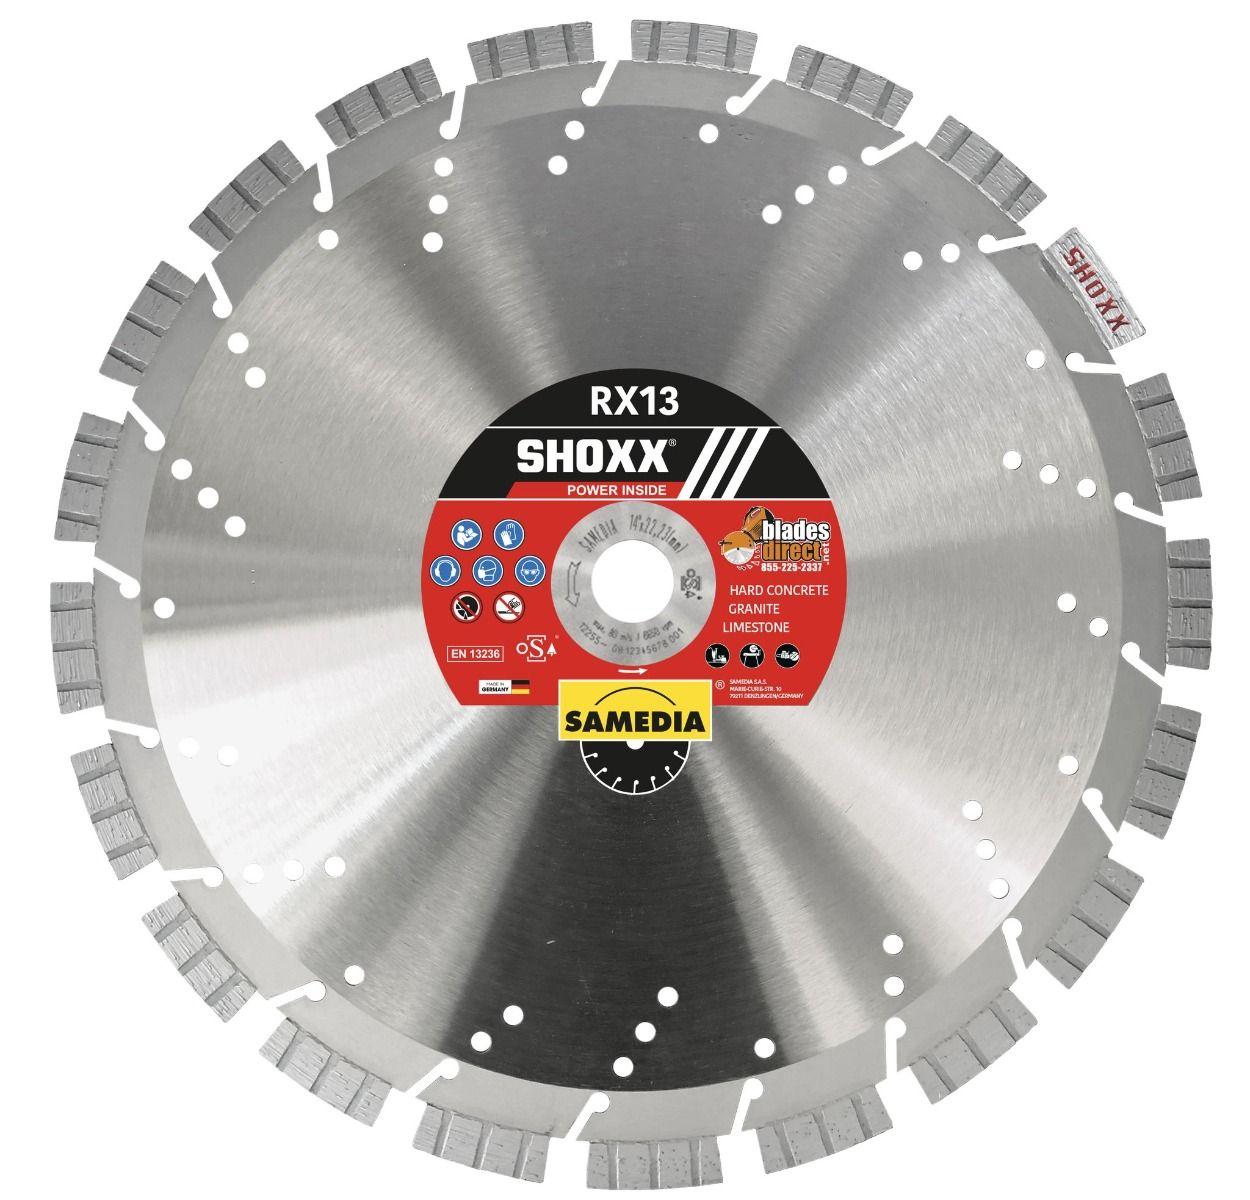 Samedia SHOXX RX13 Diamond Blade